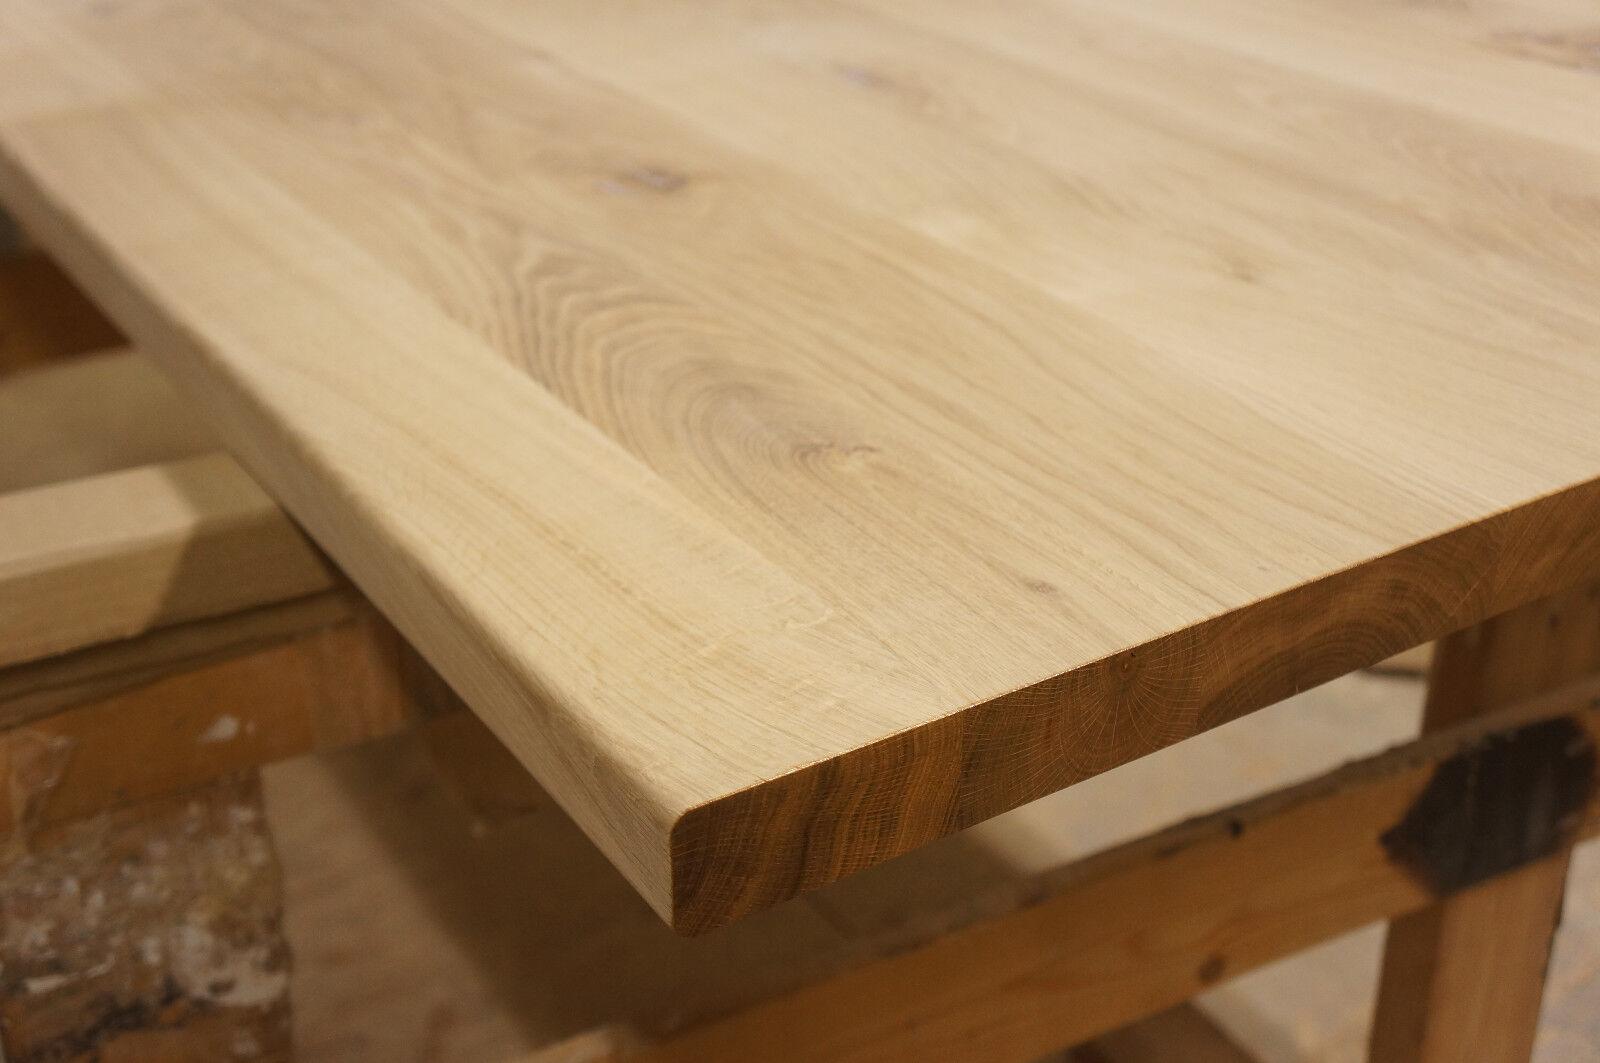 tischplatte arbeitsplatte massivholzplatte esstisch eiche rustikal 40mm roh holz eur 126 05. Black Bedroom Furniture Sets. Home Design Ideas